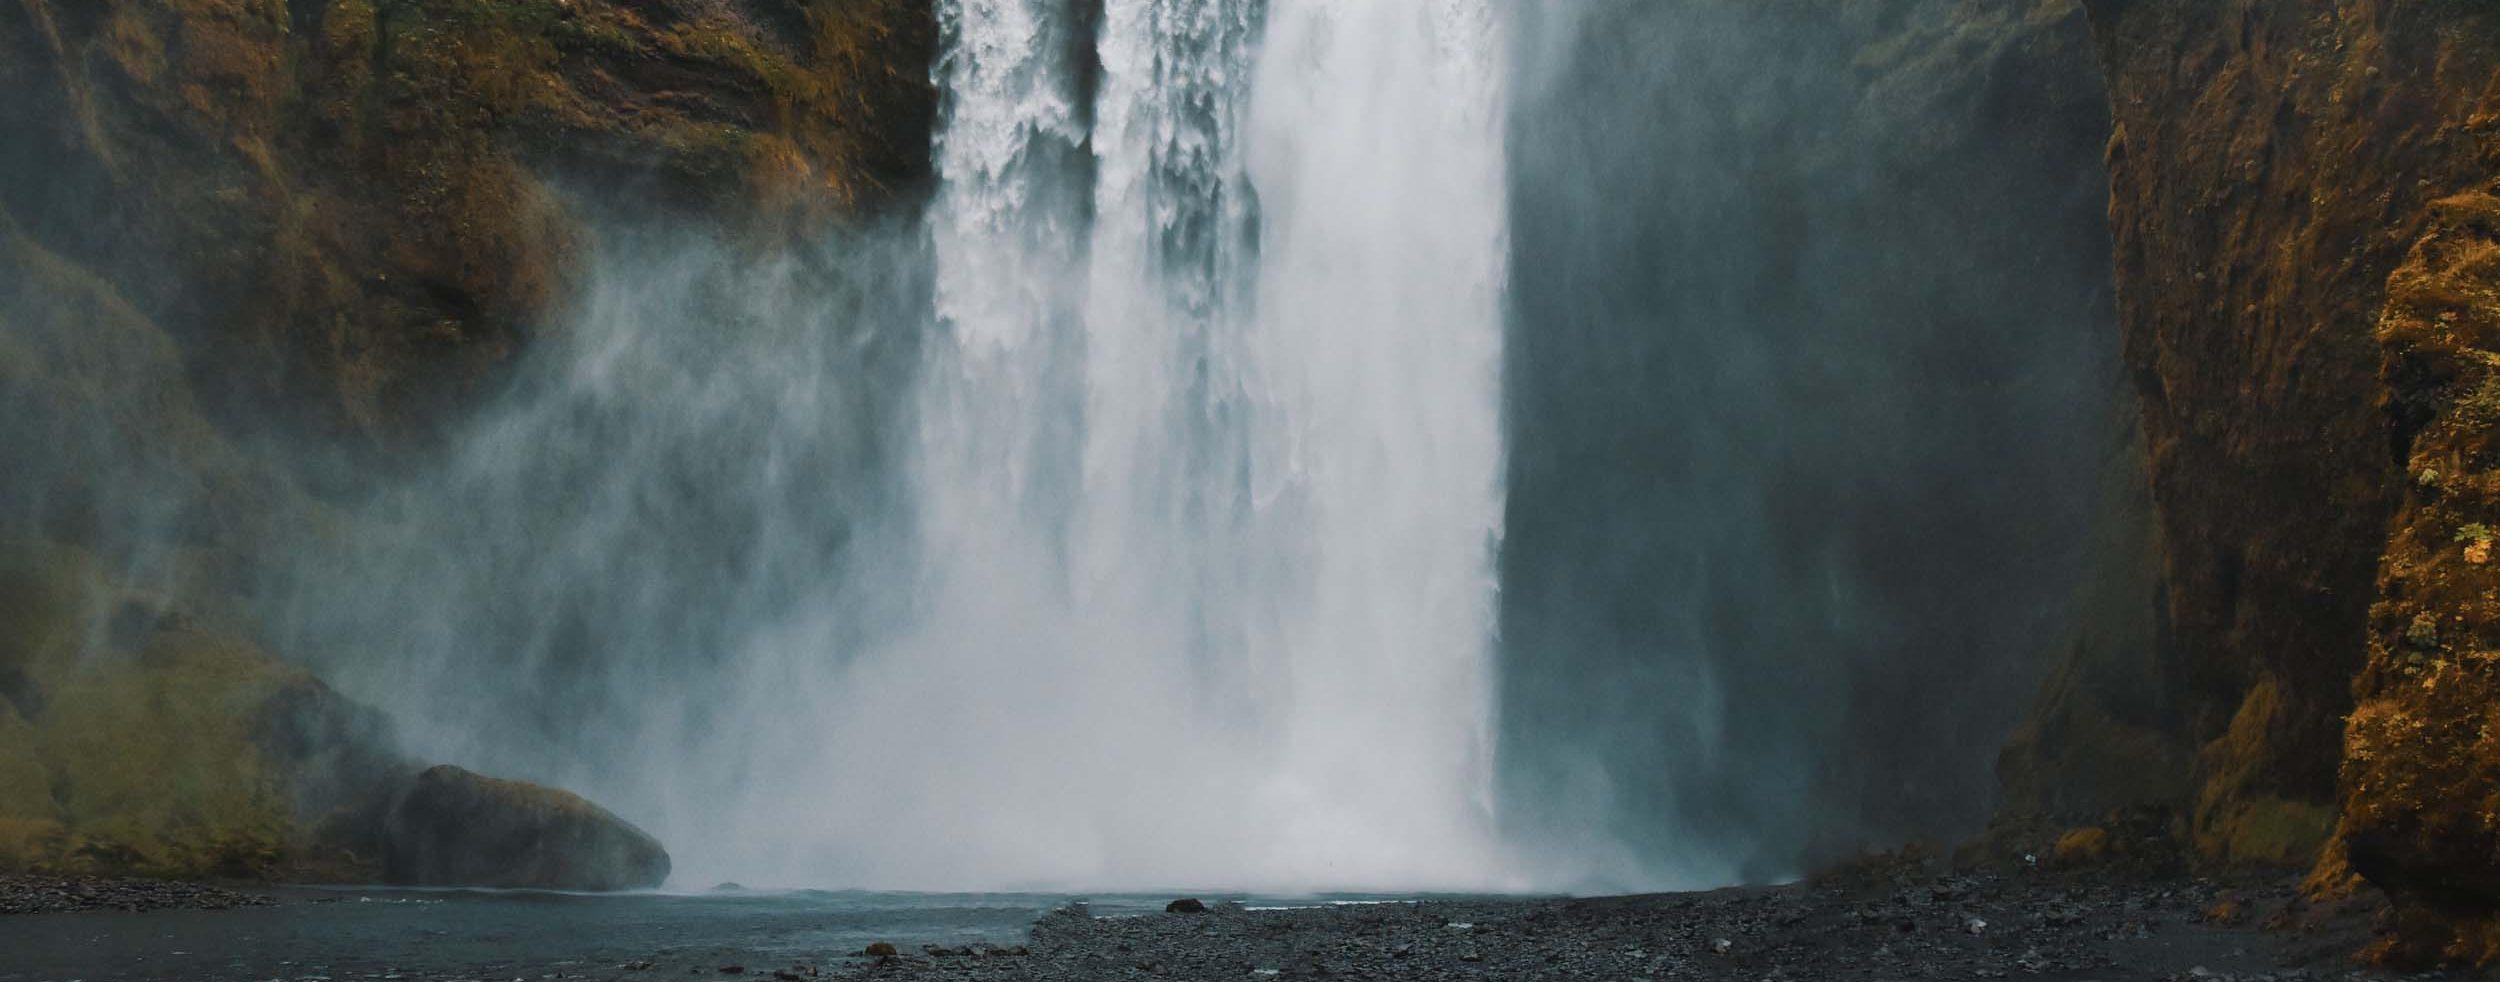 60 Meter rauscht das Wasser in die Tiefe